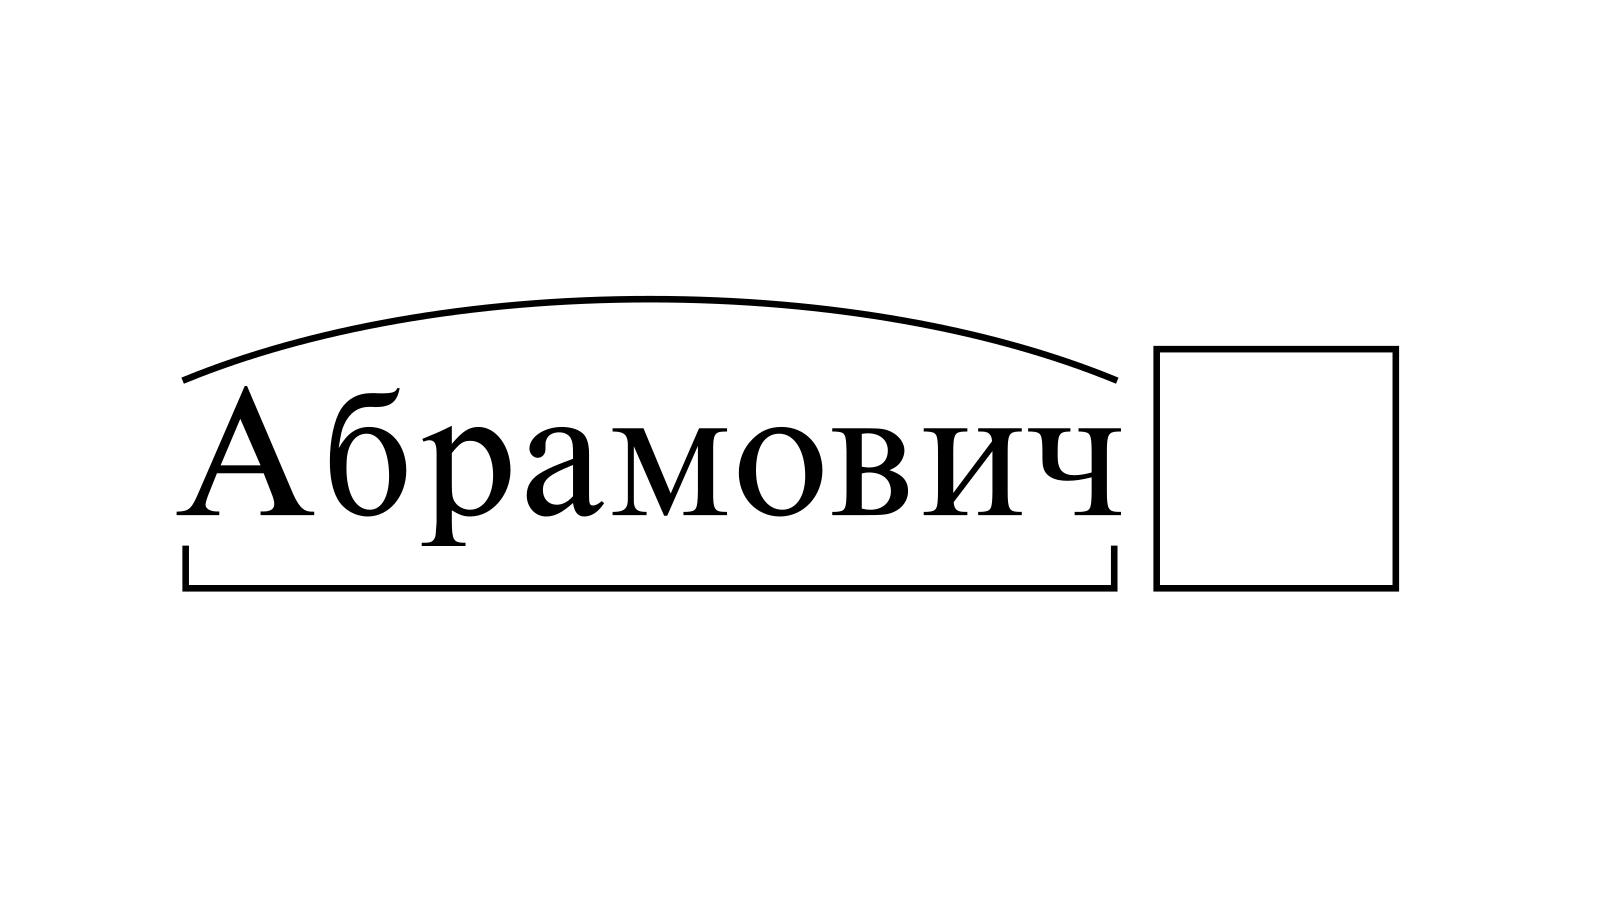 Разбор слова «Абрамович» по составу